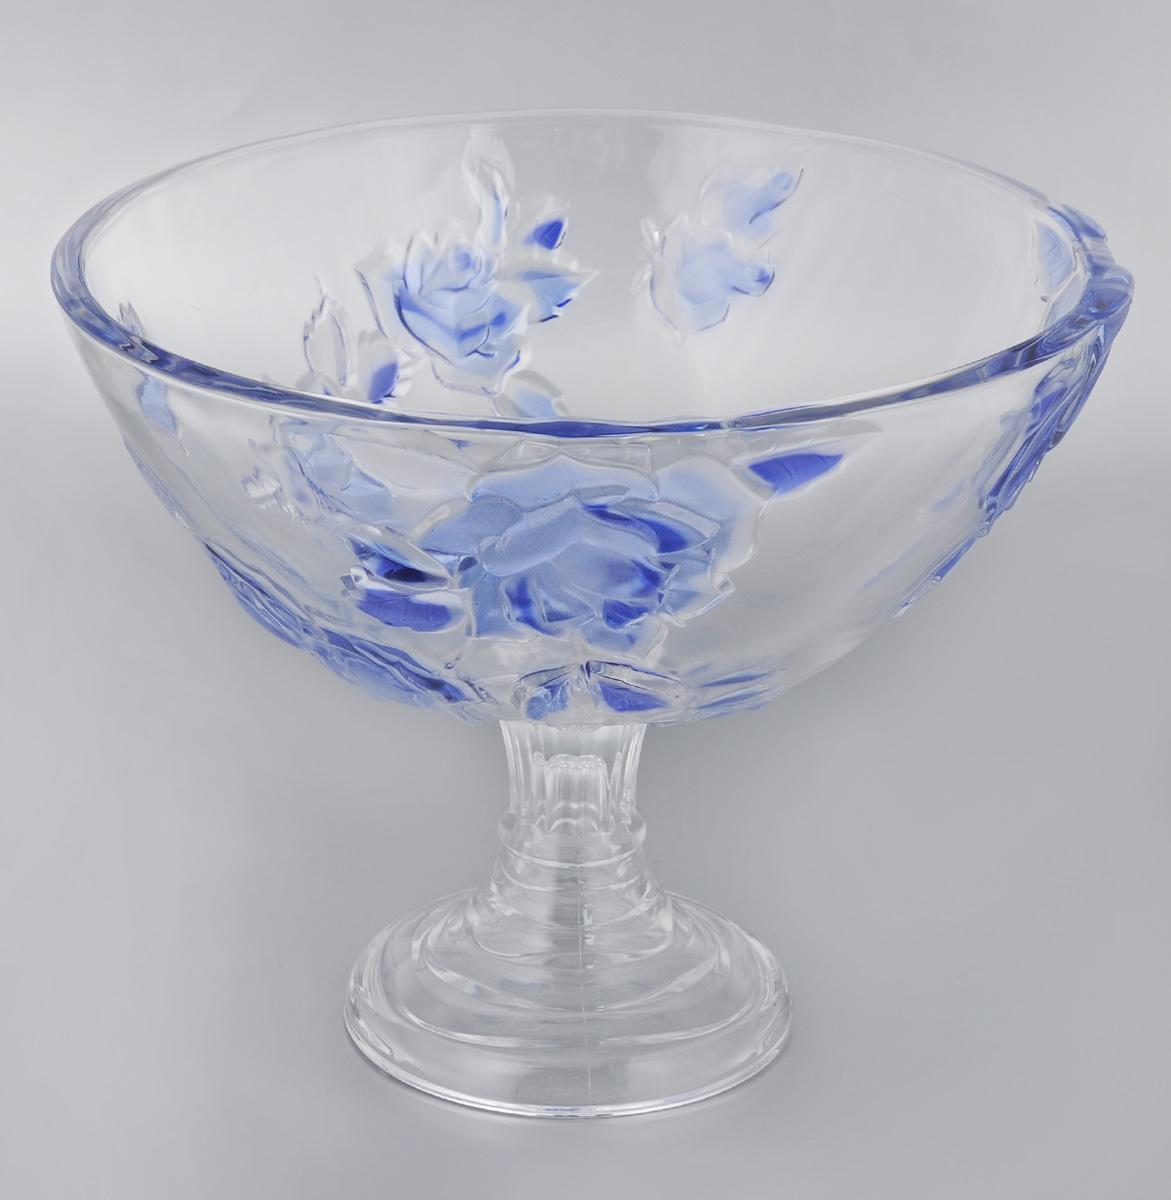 Конфетница Soga Rosette Blue, диаметр 28 смZ4865SЭлегантная конфетница Soga Rosette Blue на ножке, изготовленная из прочного стекла, имеет многогранную рельефную поверхность. Конфетница предназначена для красивой сервировки сладостей. Изделие придется по вкусу и ценителям классики, и тем, кто предпочитает утонченность и изящность. Конфетница Soga Rosette Blue украсит сервировку вашего стола и подчеркнет прекрасный вкус хозяина, а также станет отличным подарком. Можно мыть в посудомоечной машине.